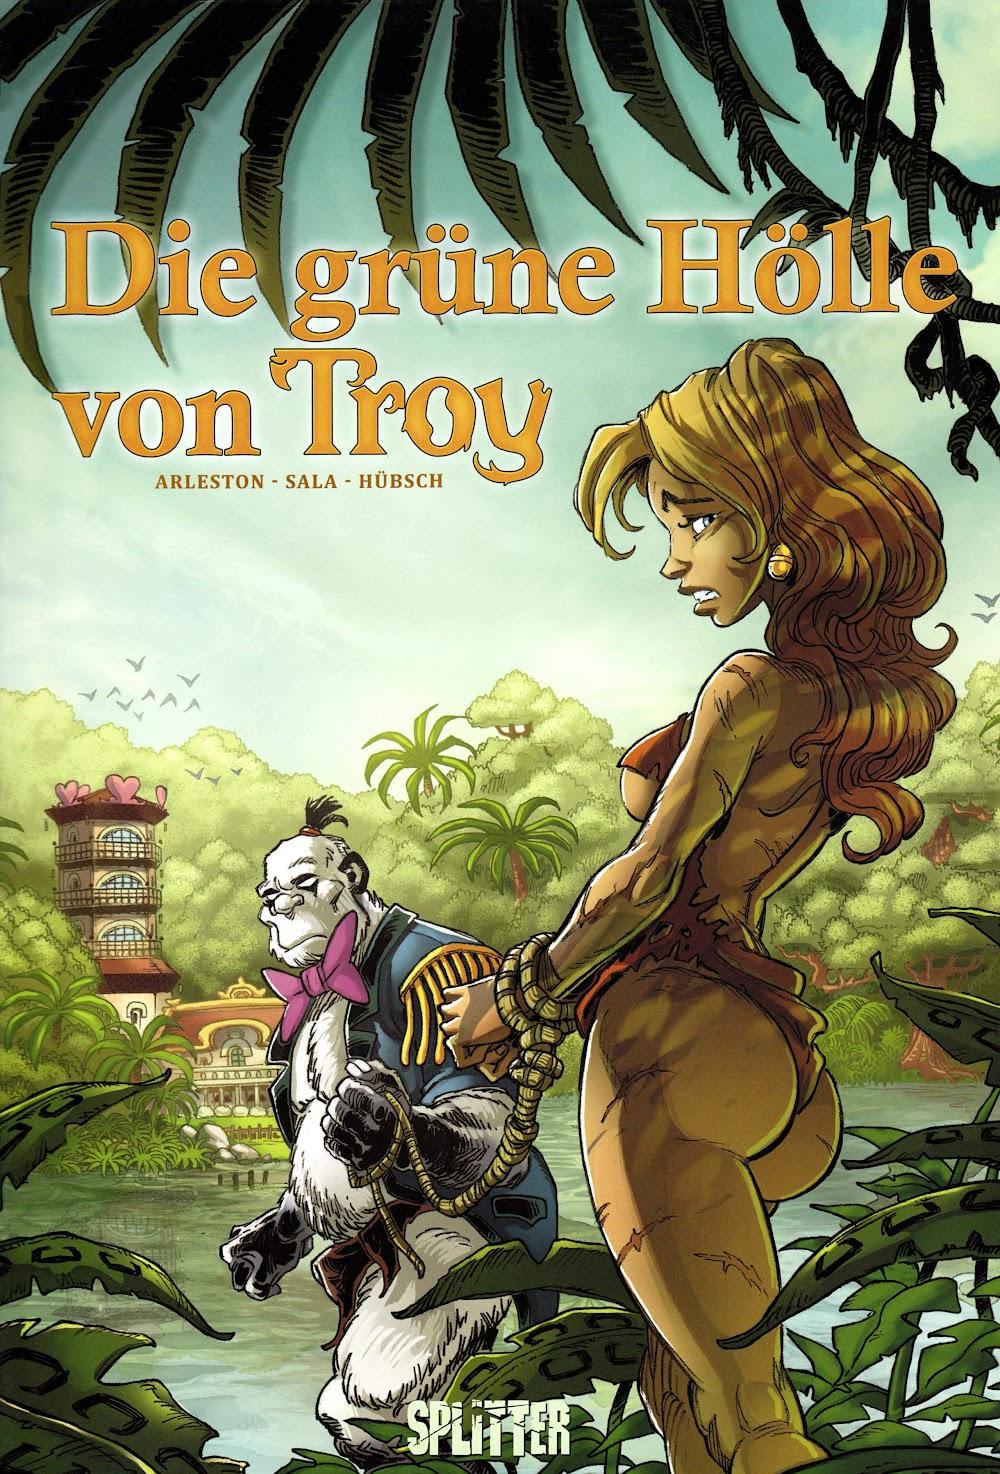 Die grüne Hölle von Troy (2014)